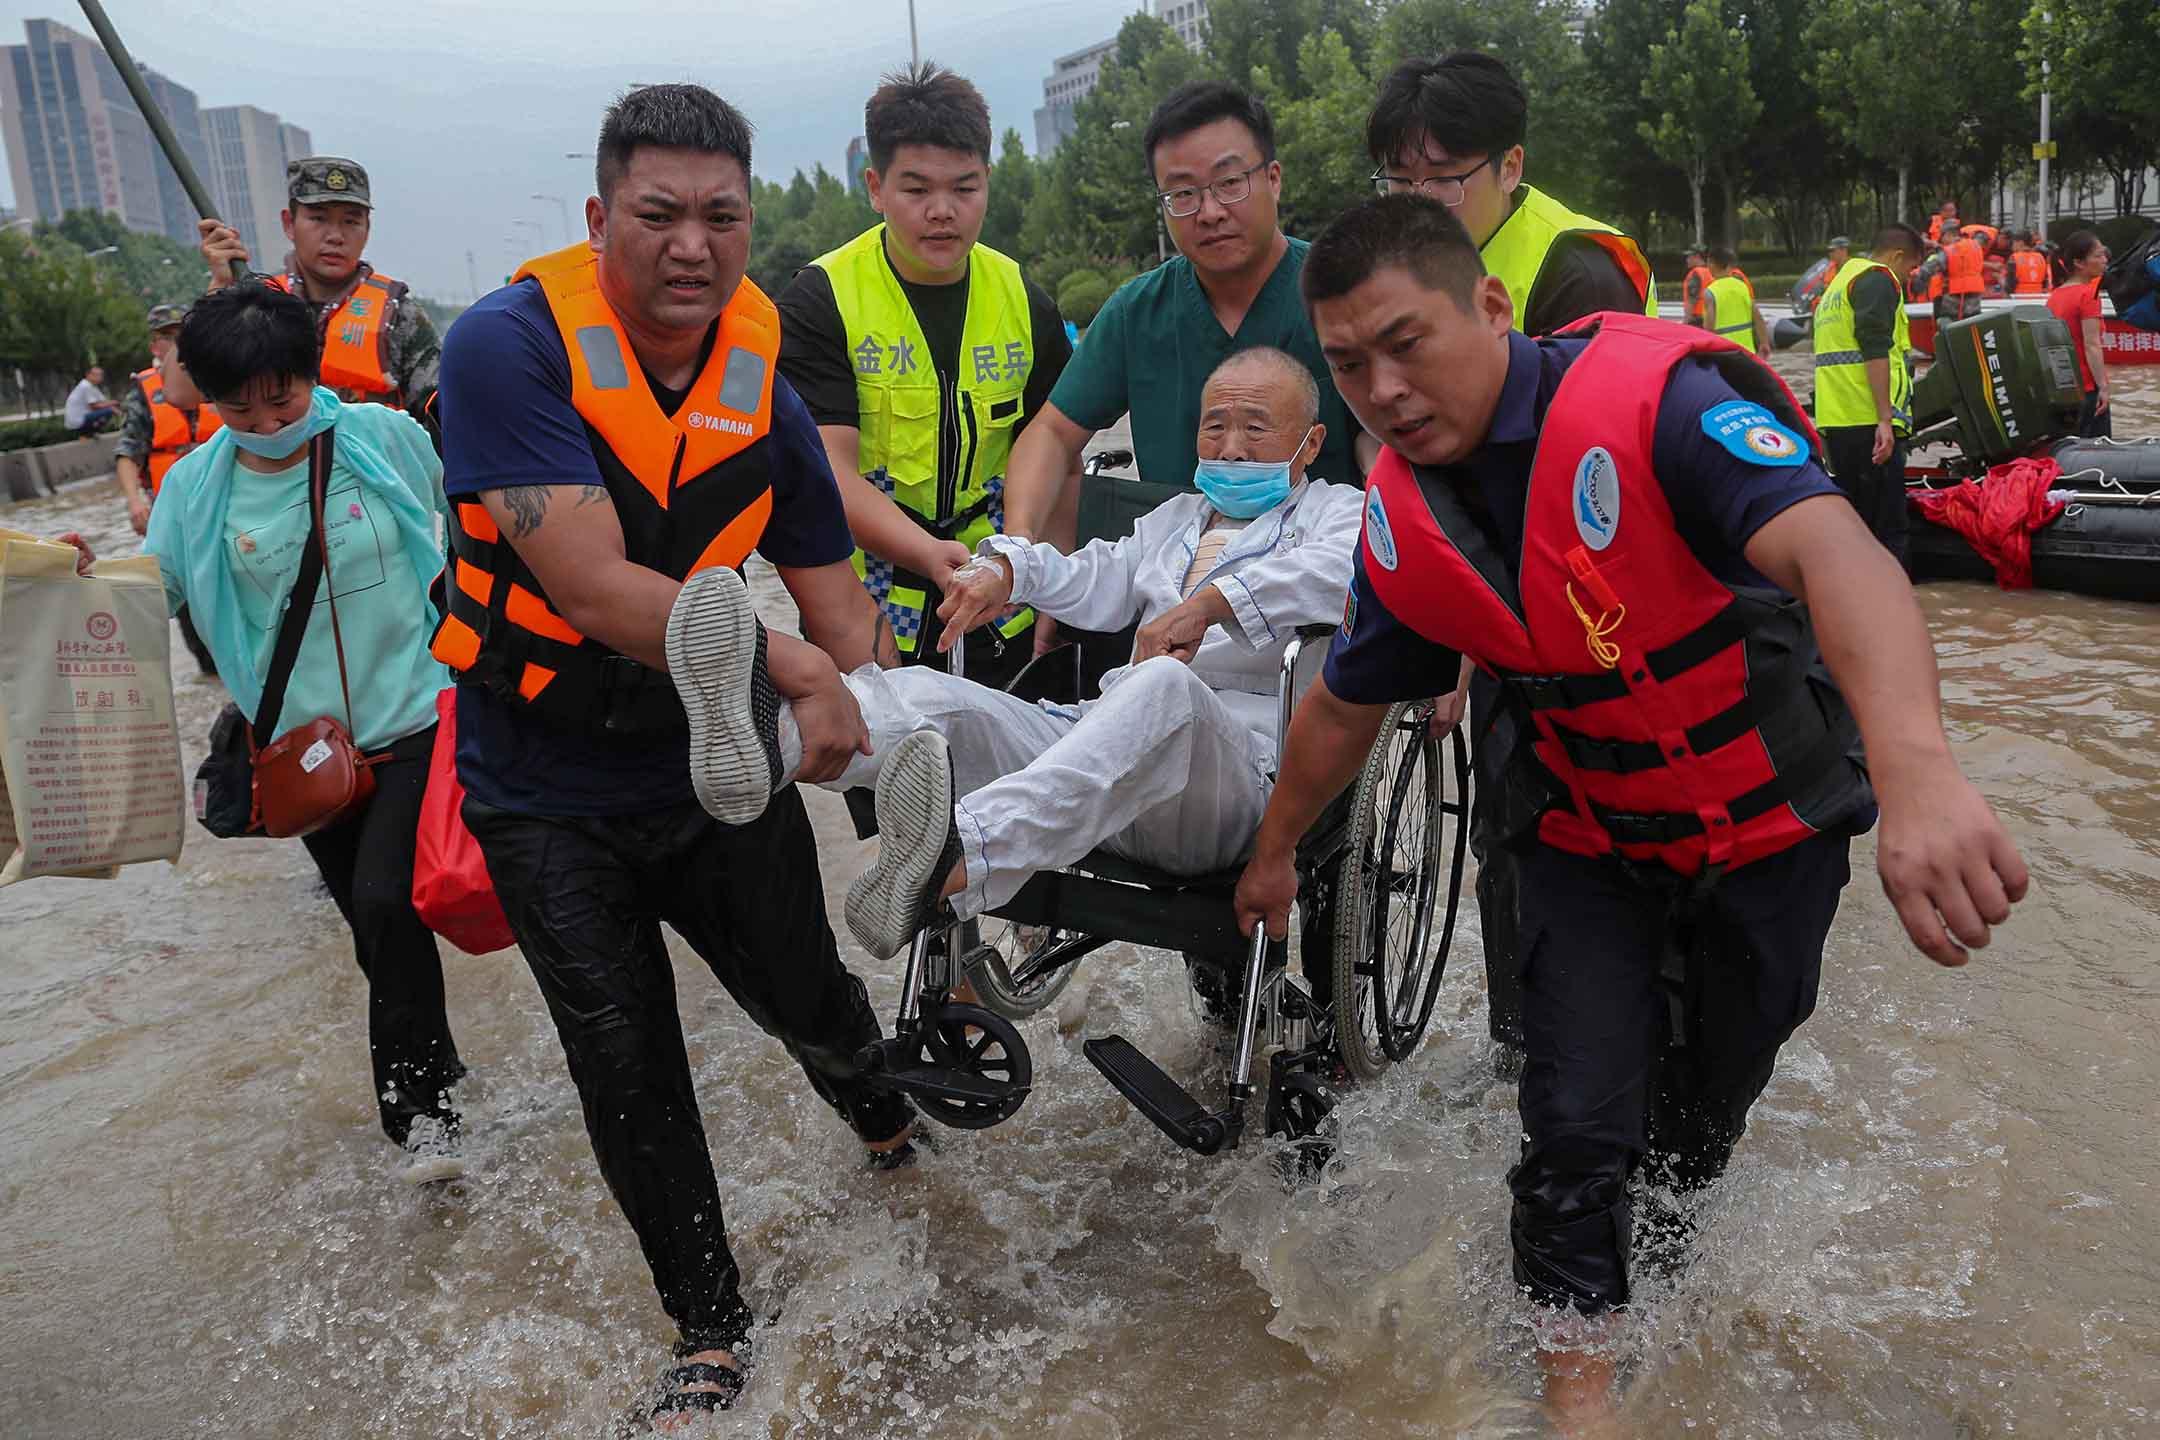 2021年7月22日中國河南省鄭州市,救援人員在醫院拯救一名坐在輪椅上的患者。